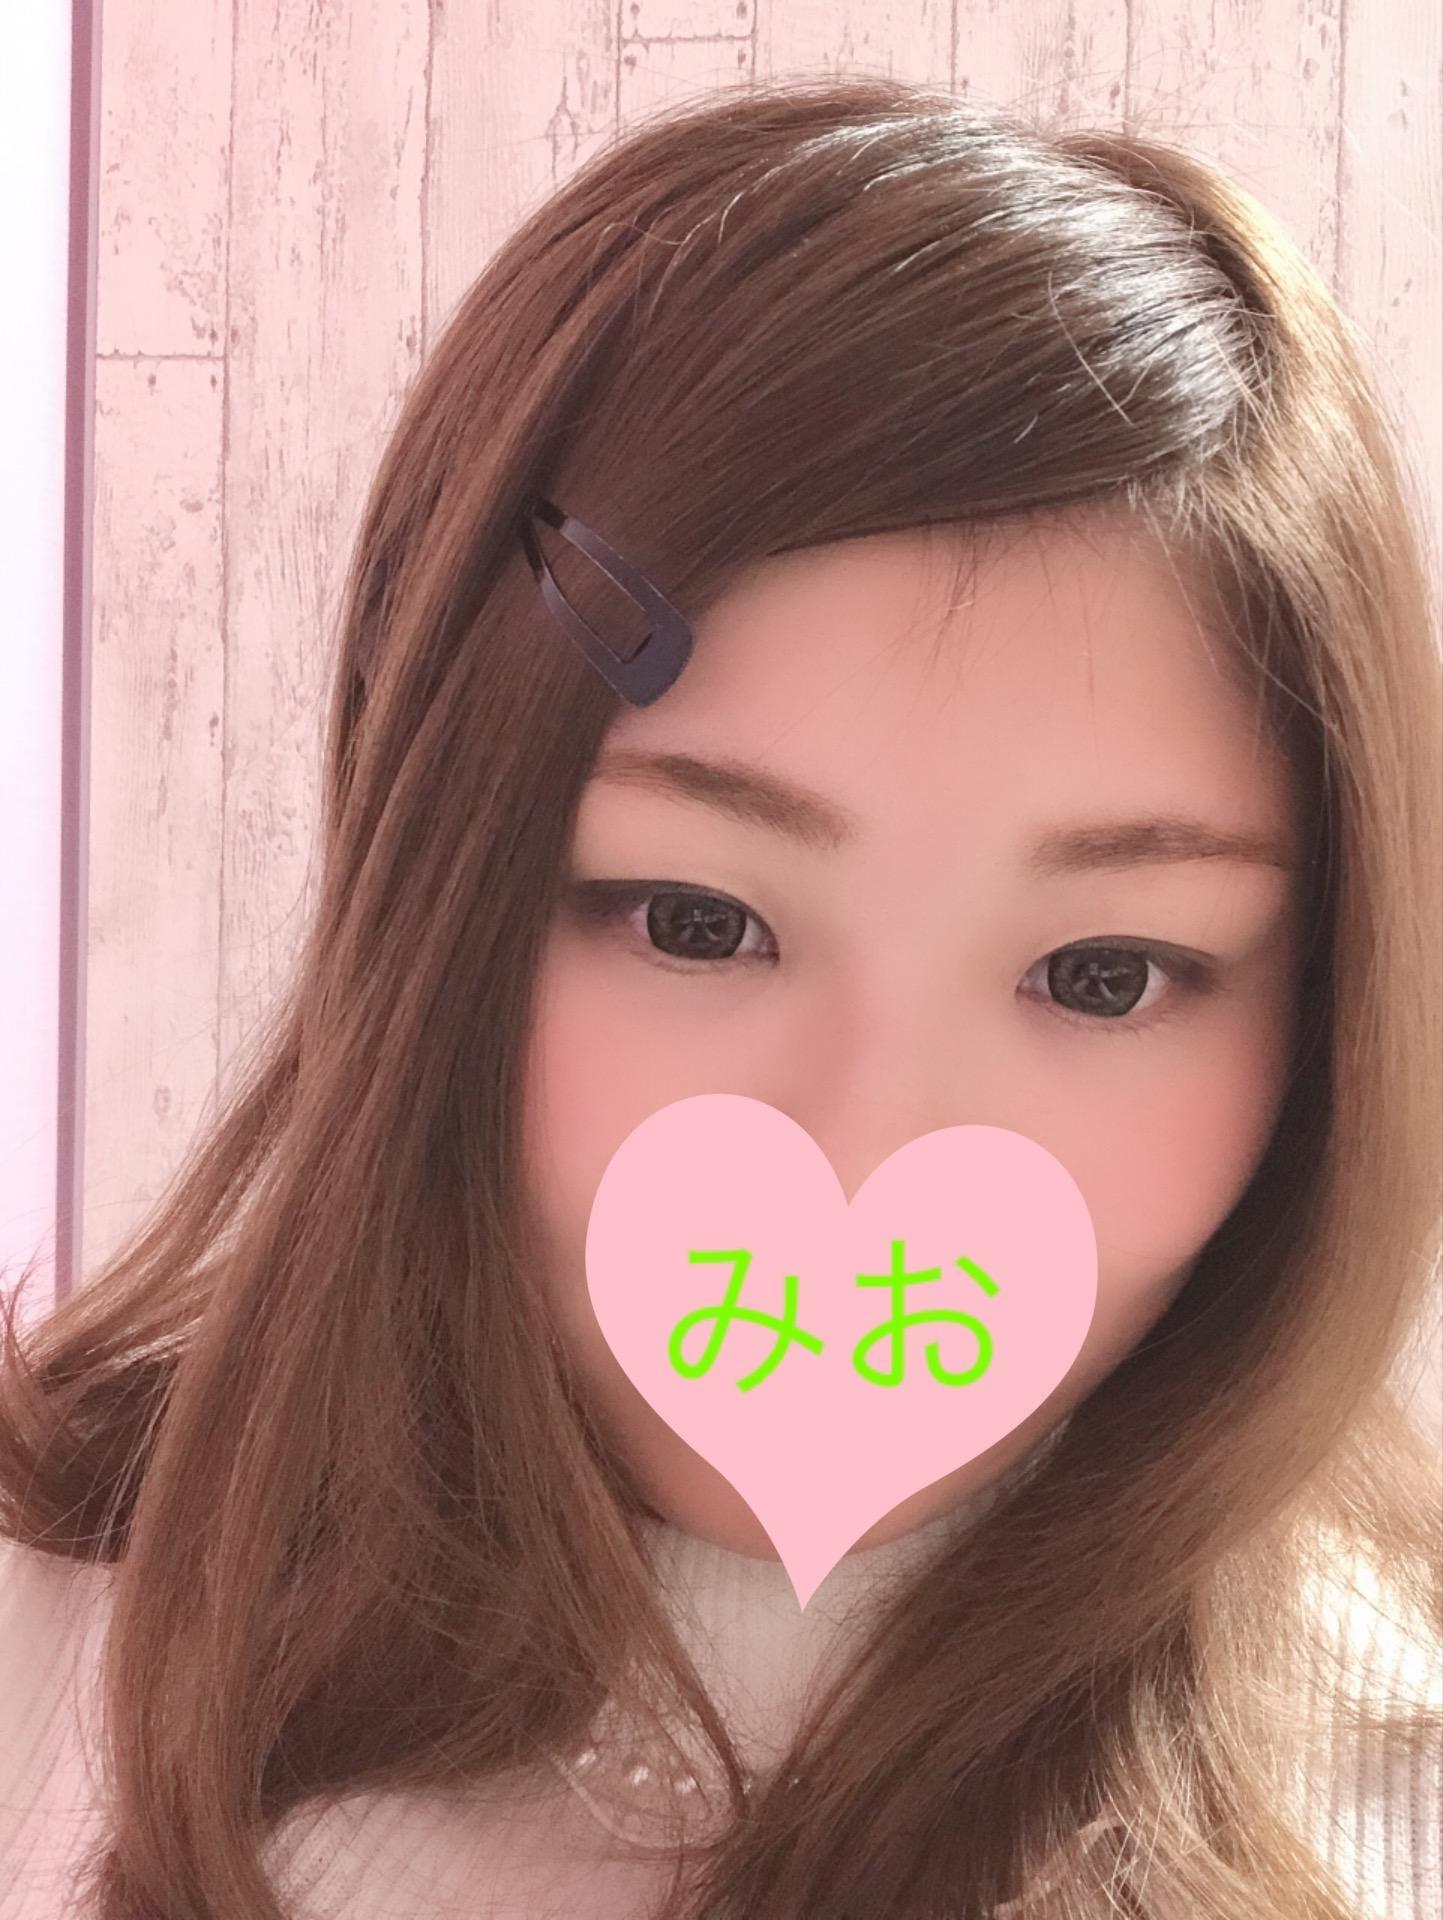 「お待ちしてます♪」12/03(12/03) 19:51 | みおの写メ・風俗動画